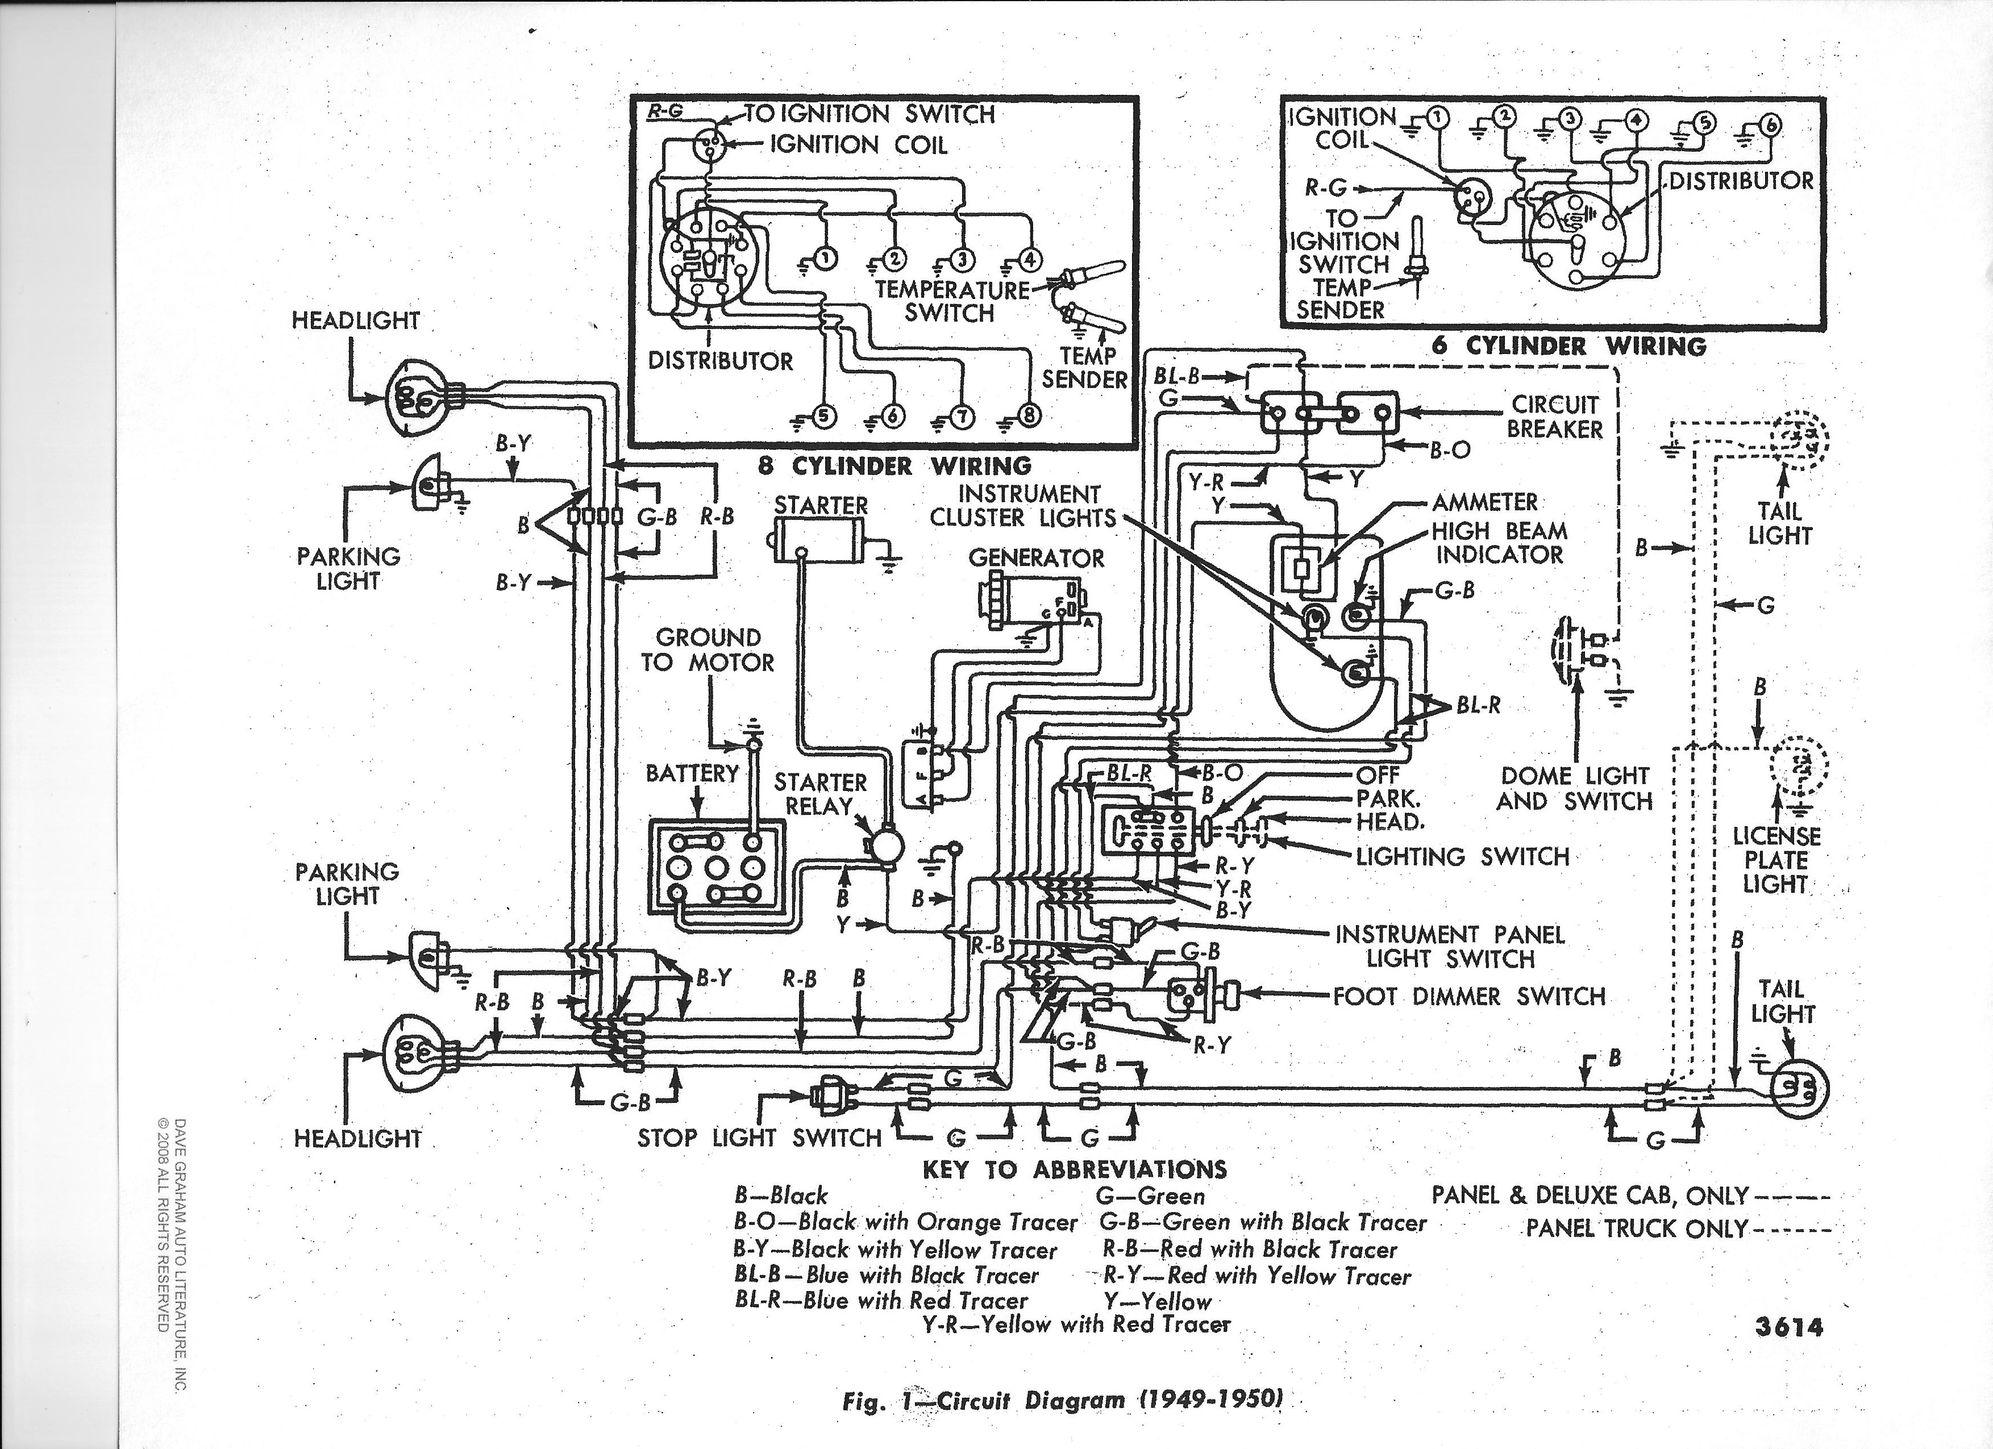 U0026 39 50 F3 Wiring Diagram